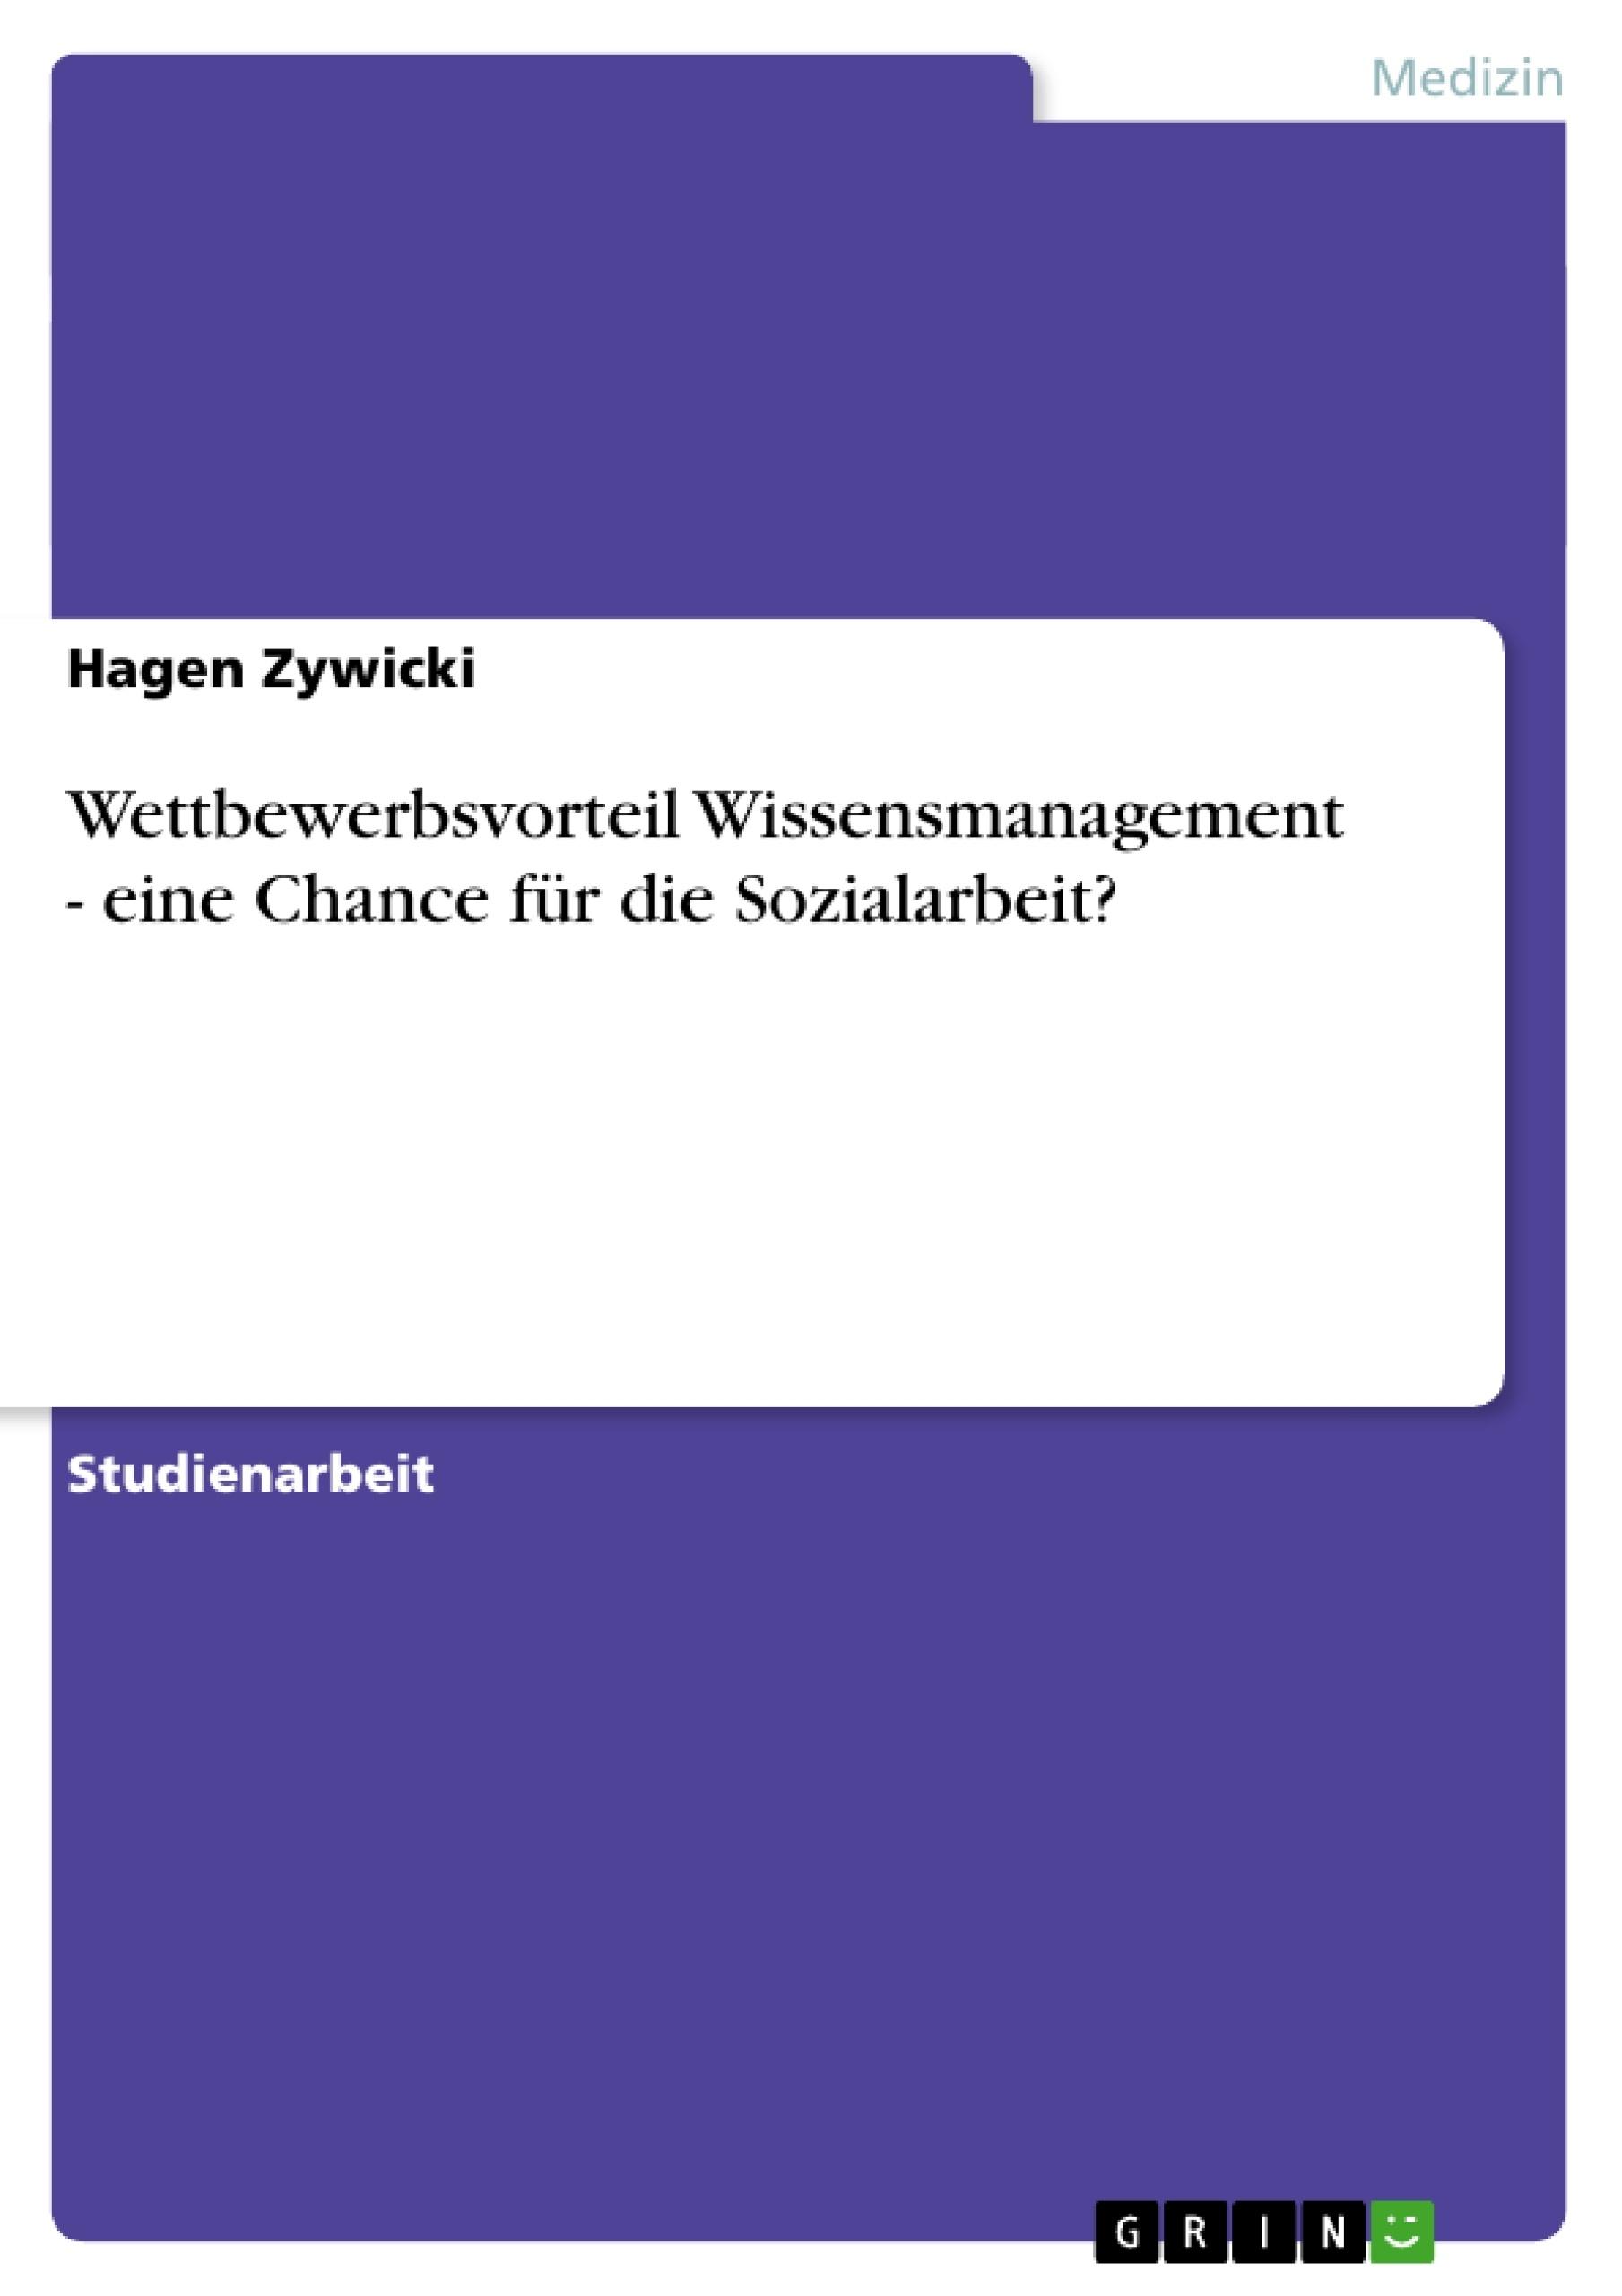 Titel: Wettbewerbsvorteil Wissensmanagement - eine Chance für die Sozialarbeit?